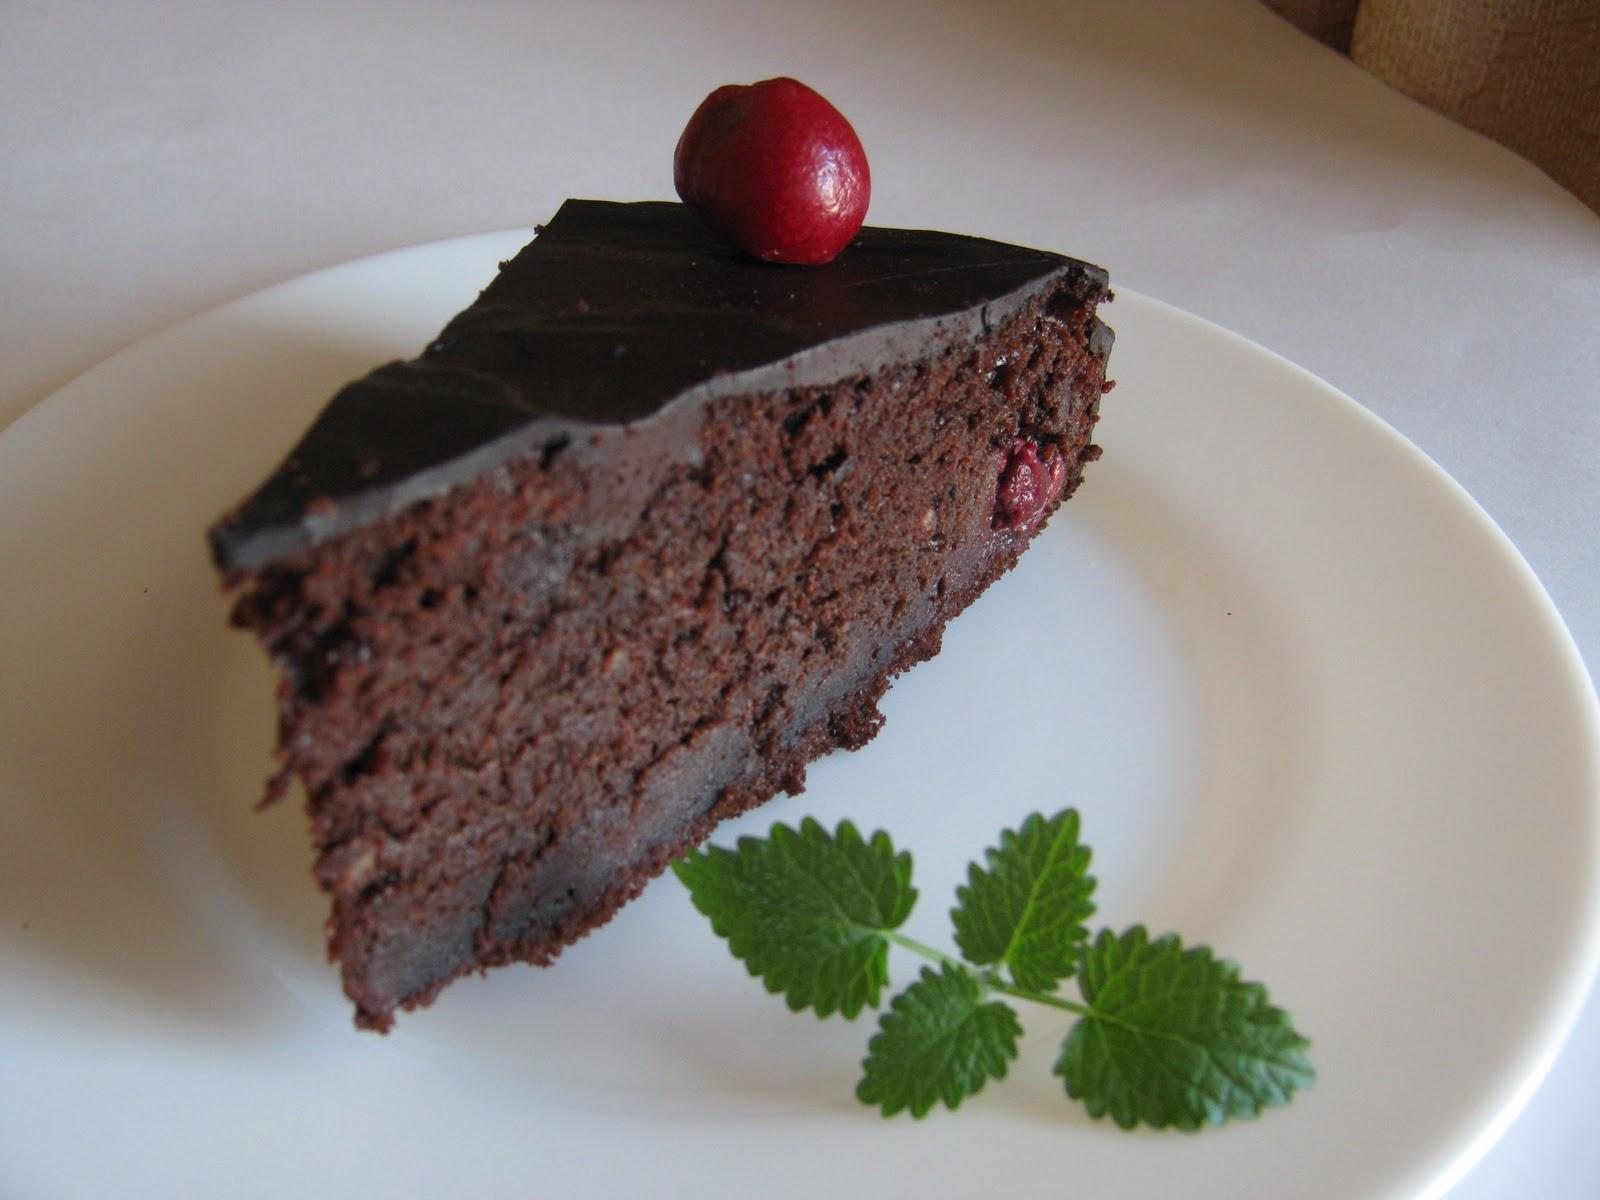 Kirche: Шоколадно-вишневый пирог-торт